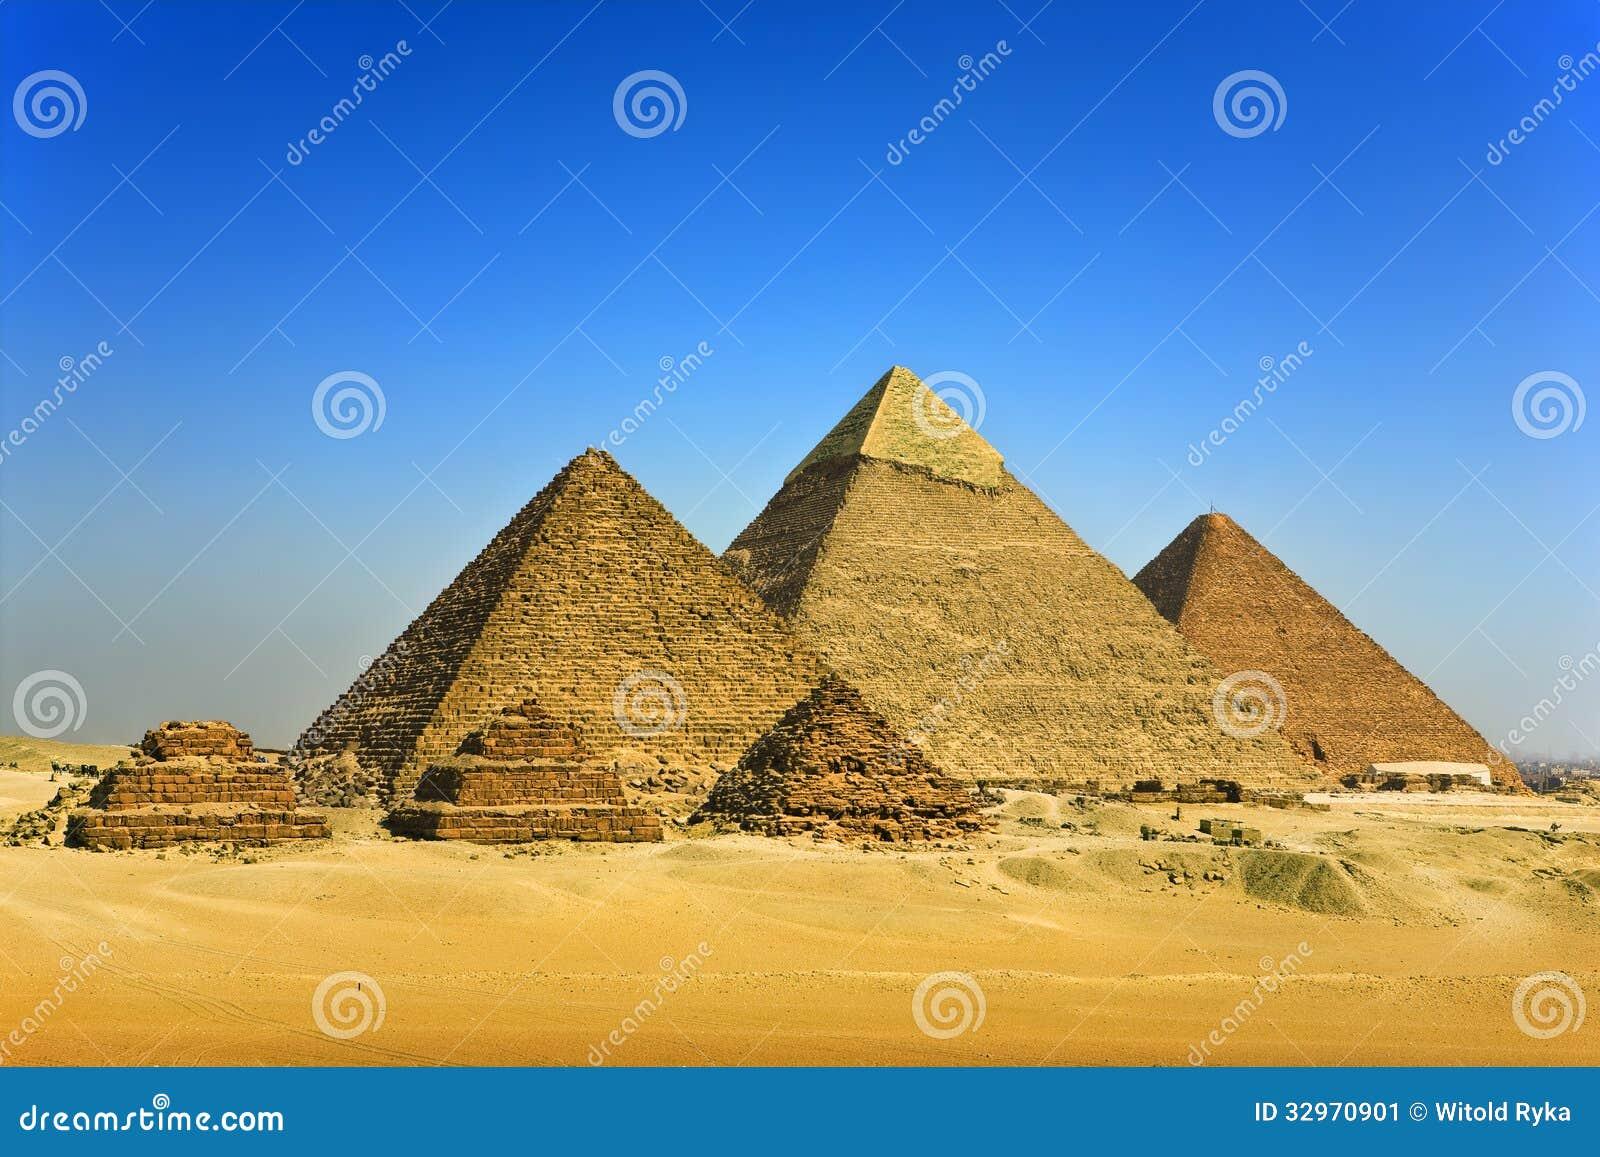 Die Pyramiden von Giseh stockbild. Bild von giza, wüste